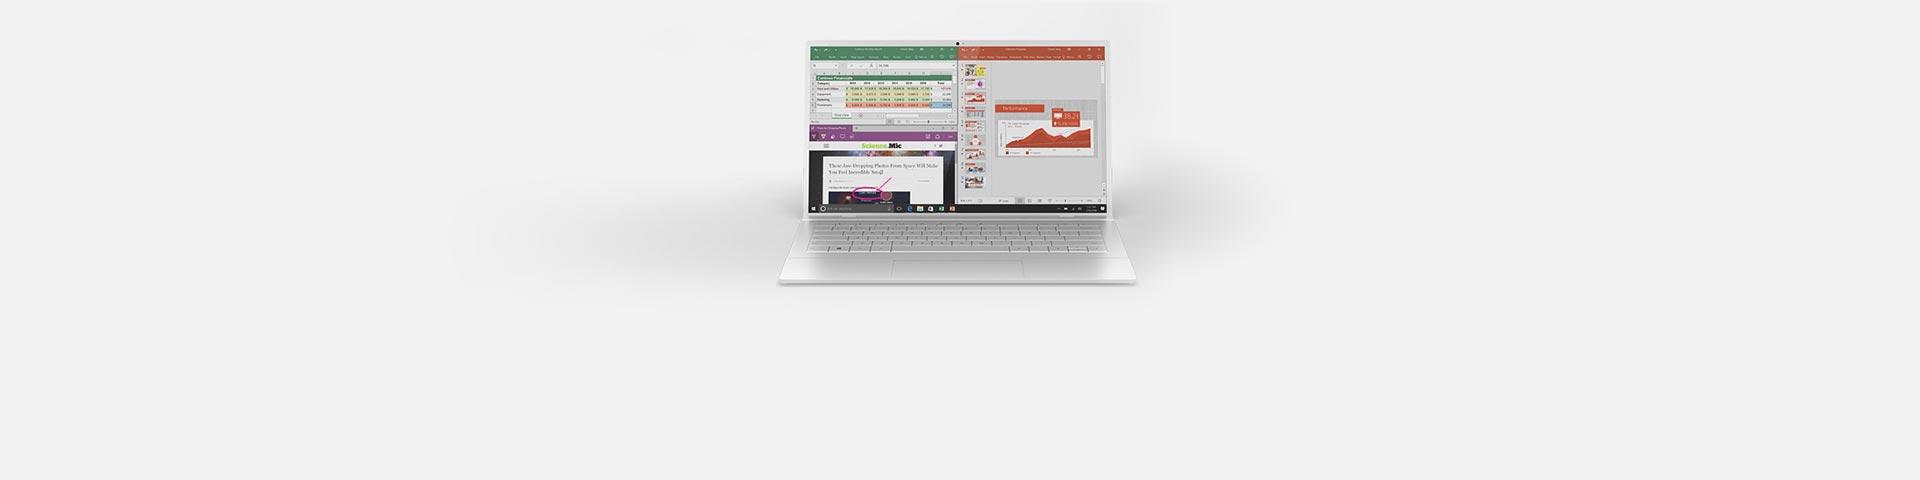 En bærbar pc med Office-apps på skærmen